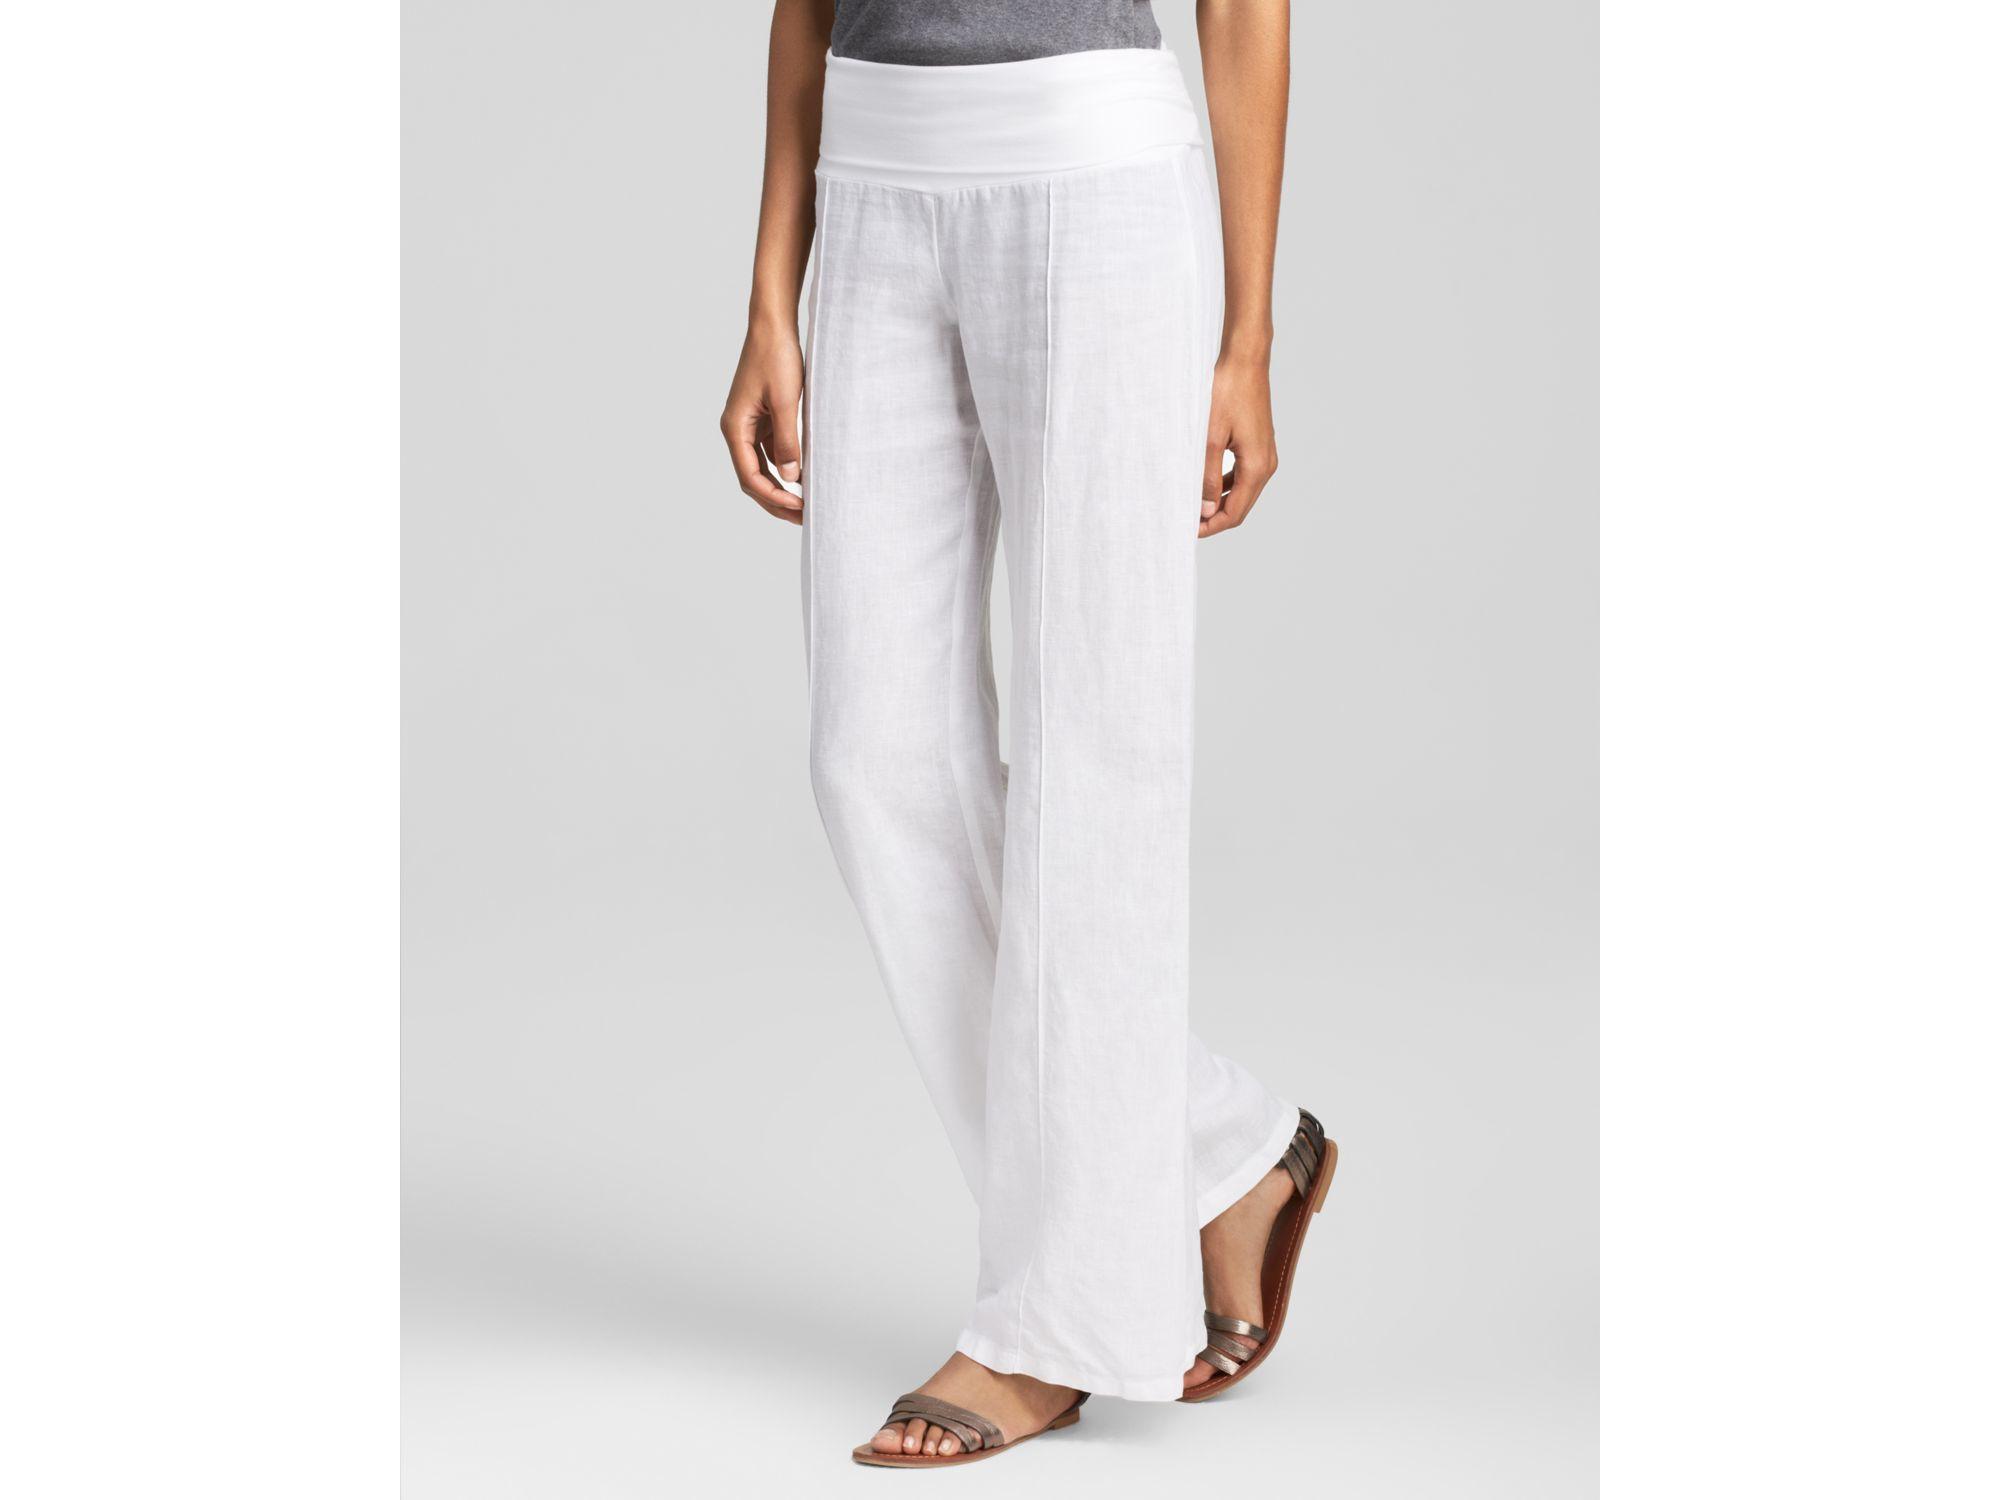 Moon & meadow Foldover Linen Pants in White | Lyst